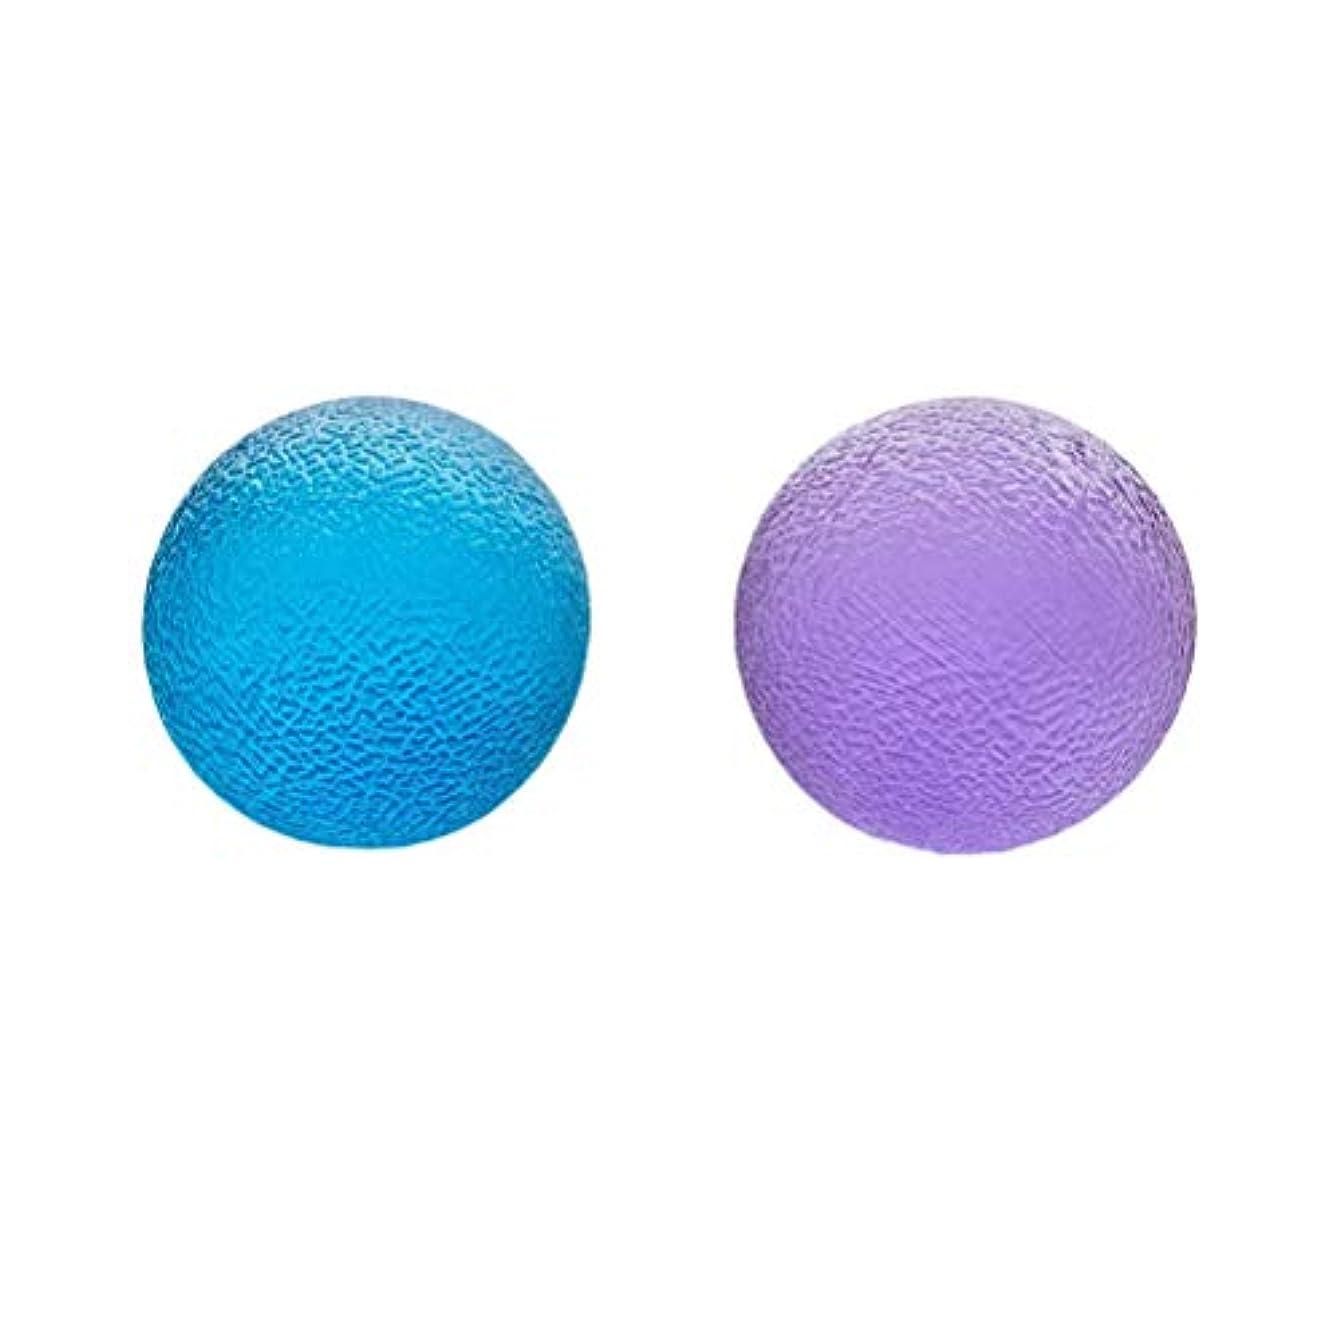 同封するお手伝いさんおとなしいSUPVOX 2本ハンドグリップ強化ツールワークアウトグリップ強度トレーナーボール強化ツール関節炎指ハンド(ブルーパープル)